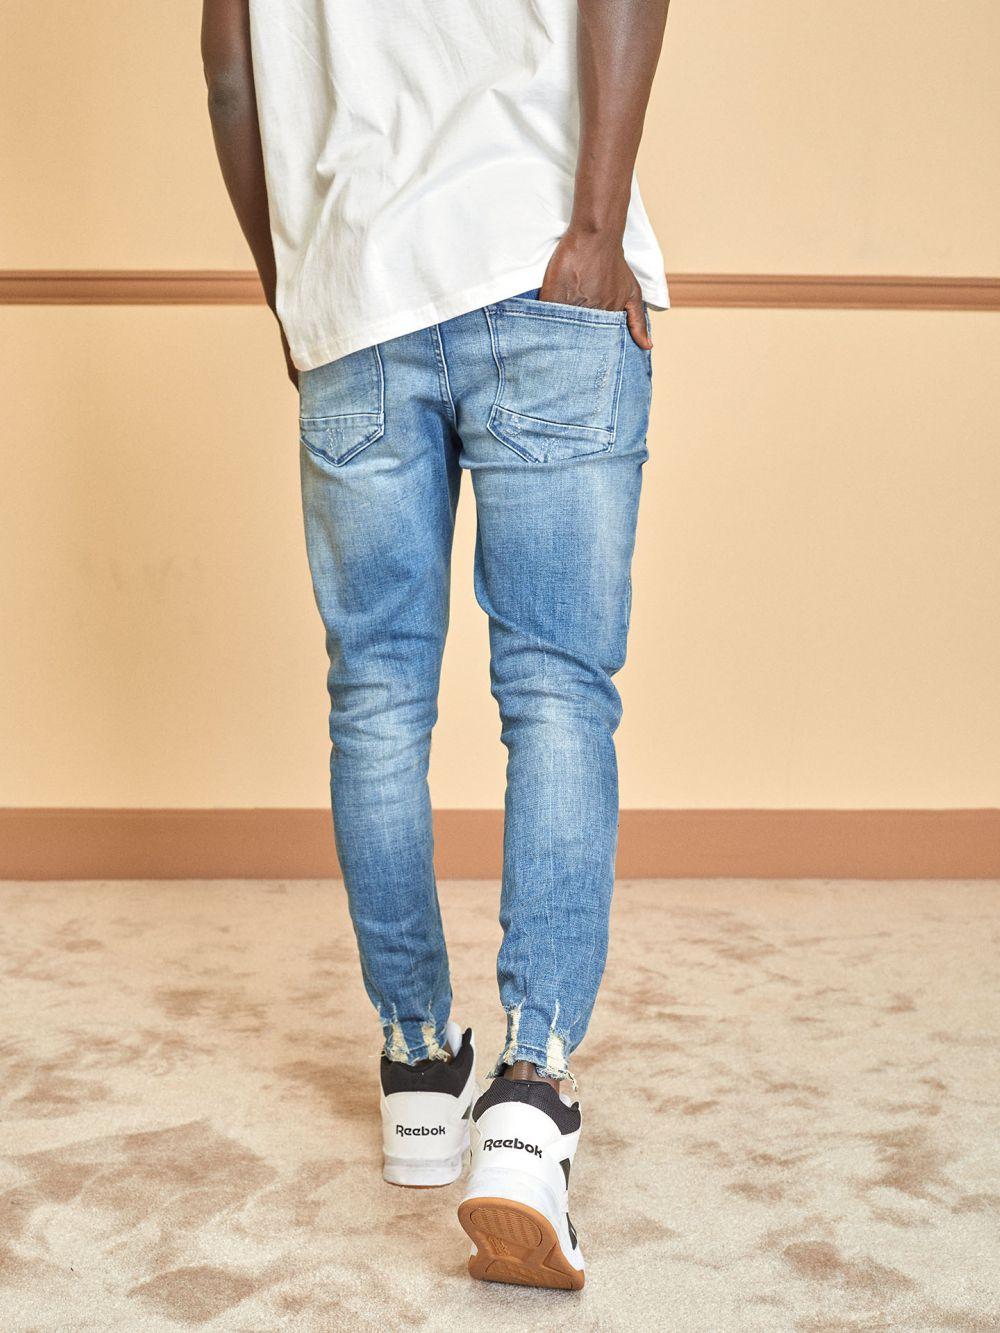 ג'ינס Simon קרעים בברך